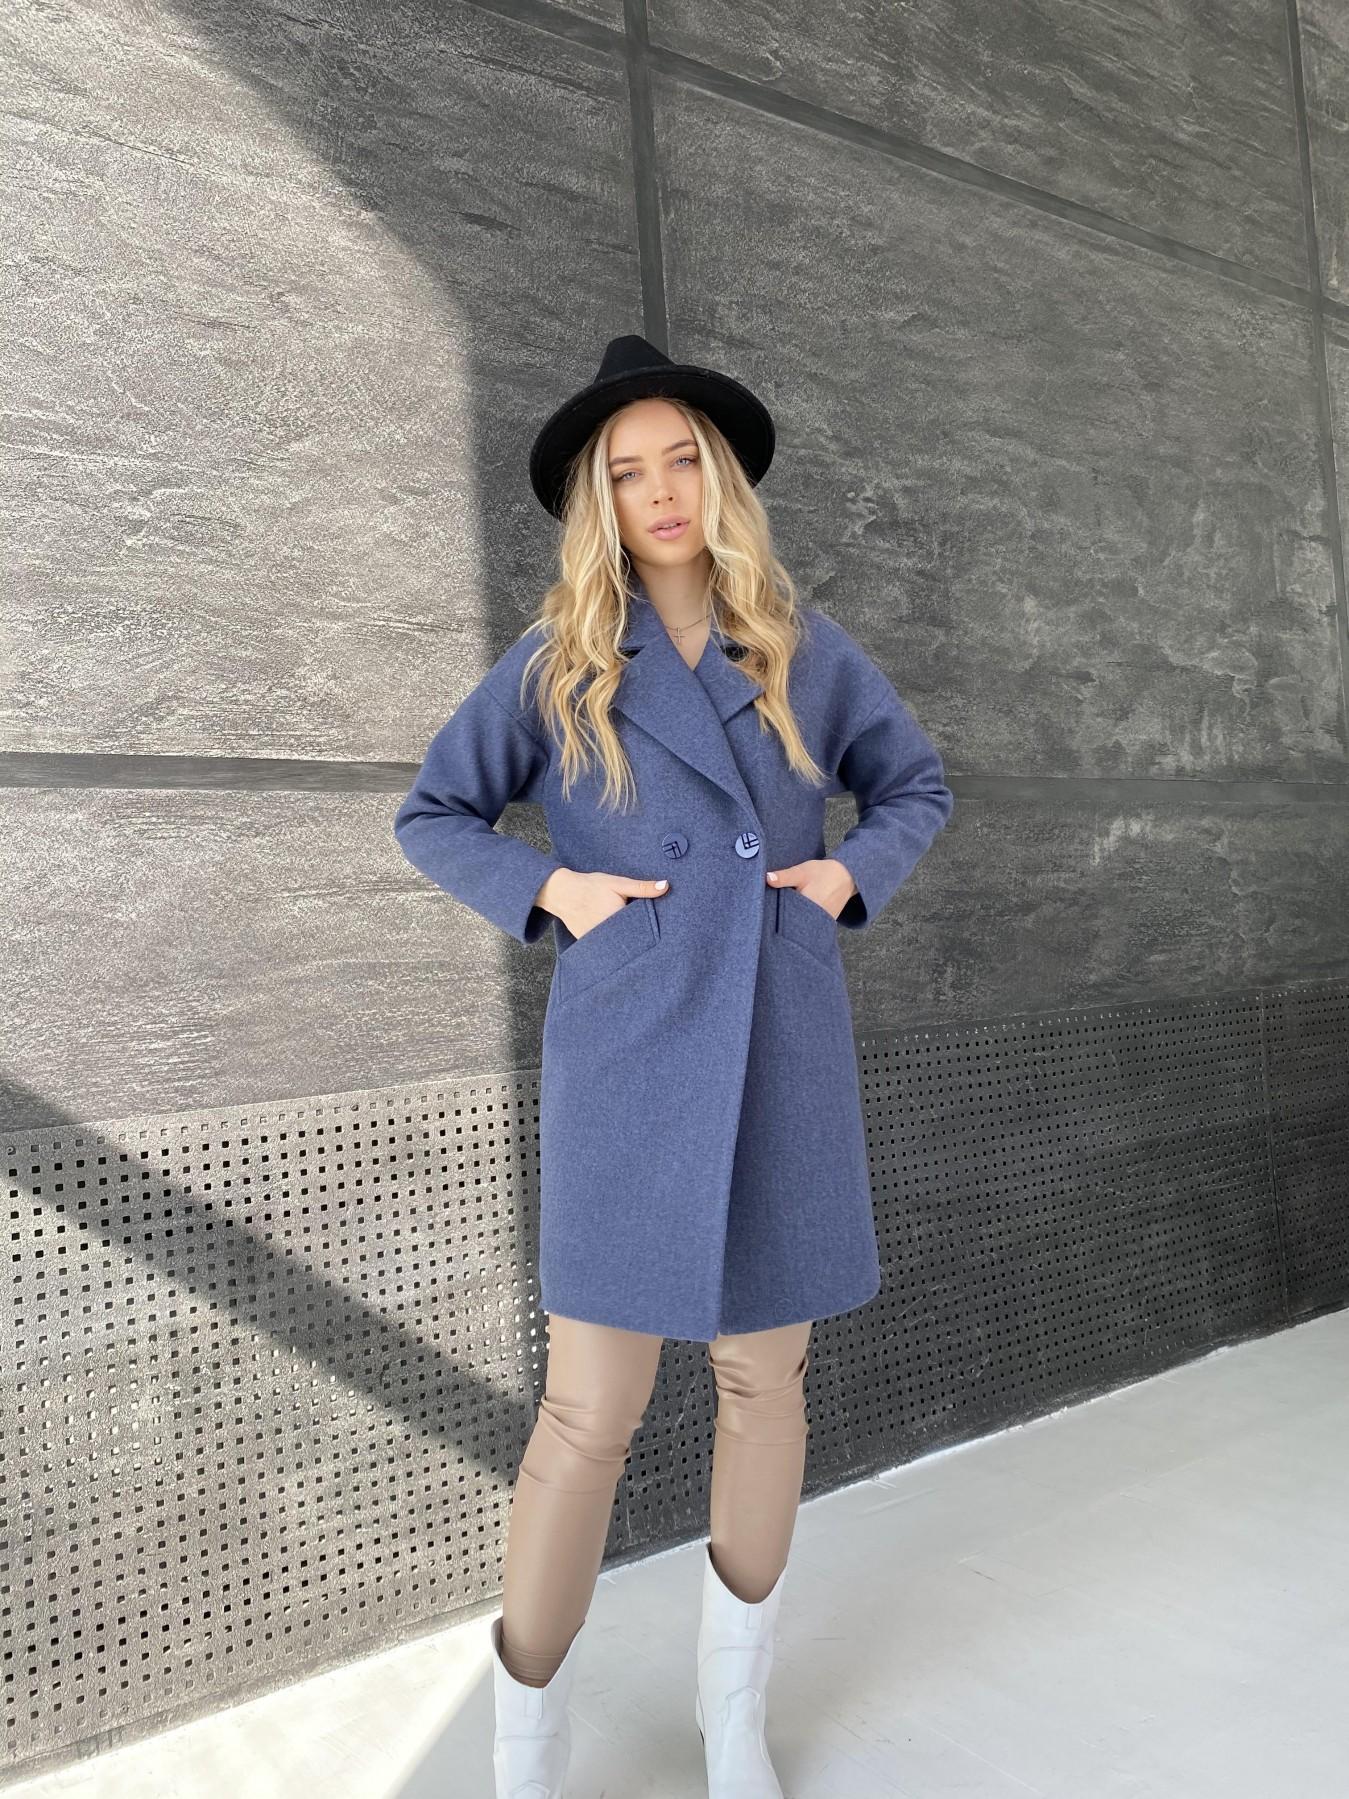 Сенсей пальто из кашемира меланж  10745 АРТ. 47228 Цвет: Джинс 57 - фото 4, интернет магазин tm-modus.ru